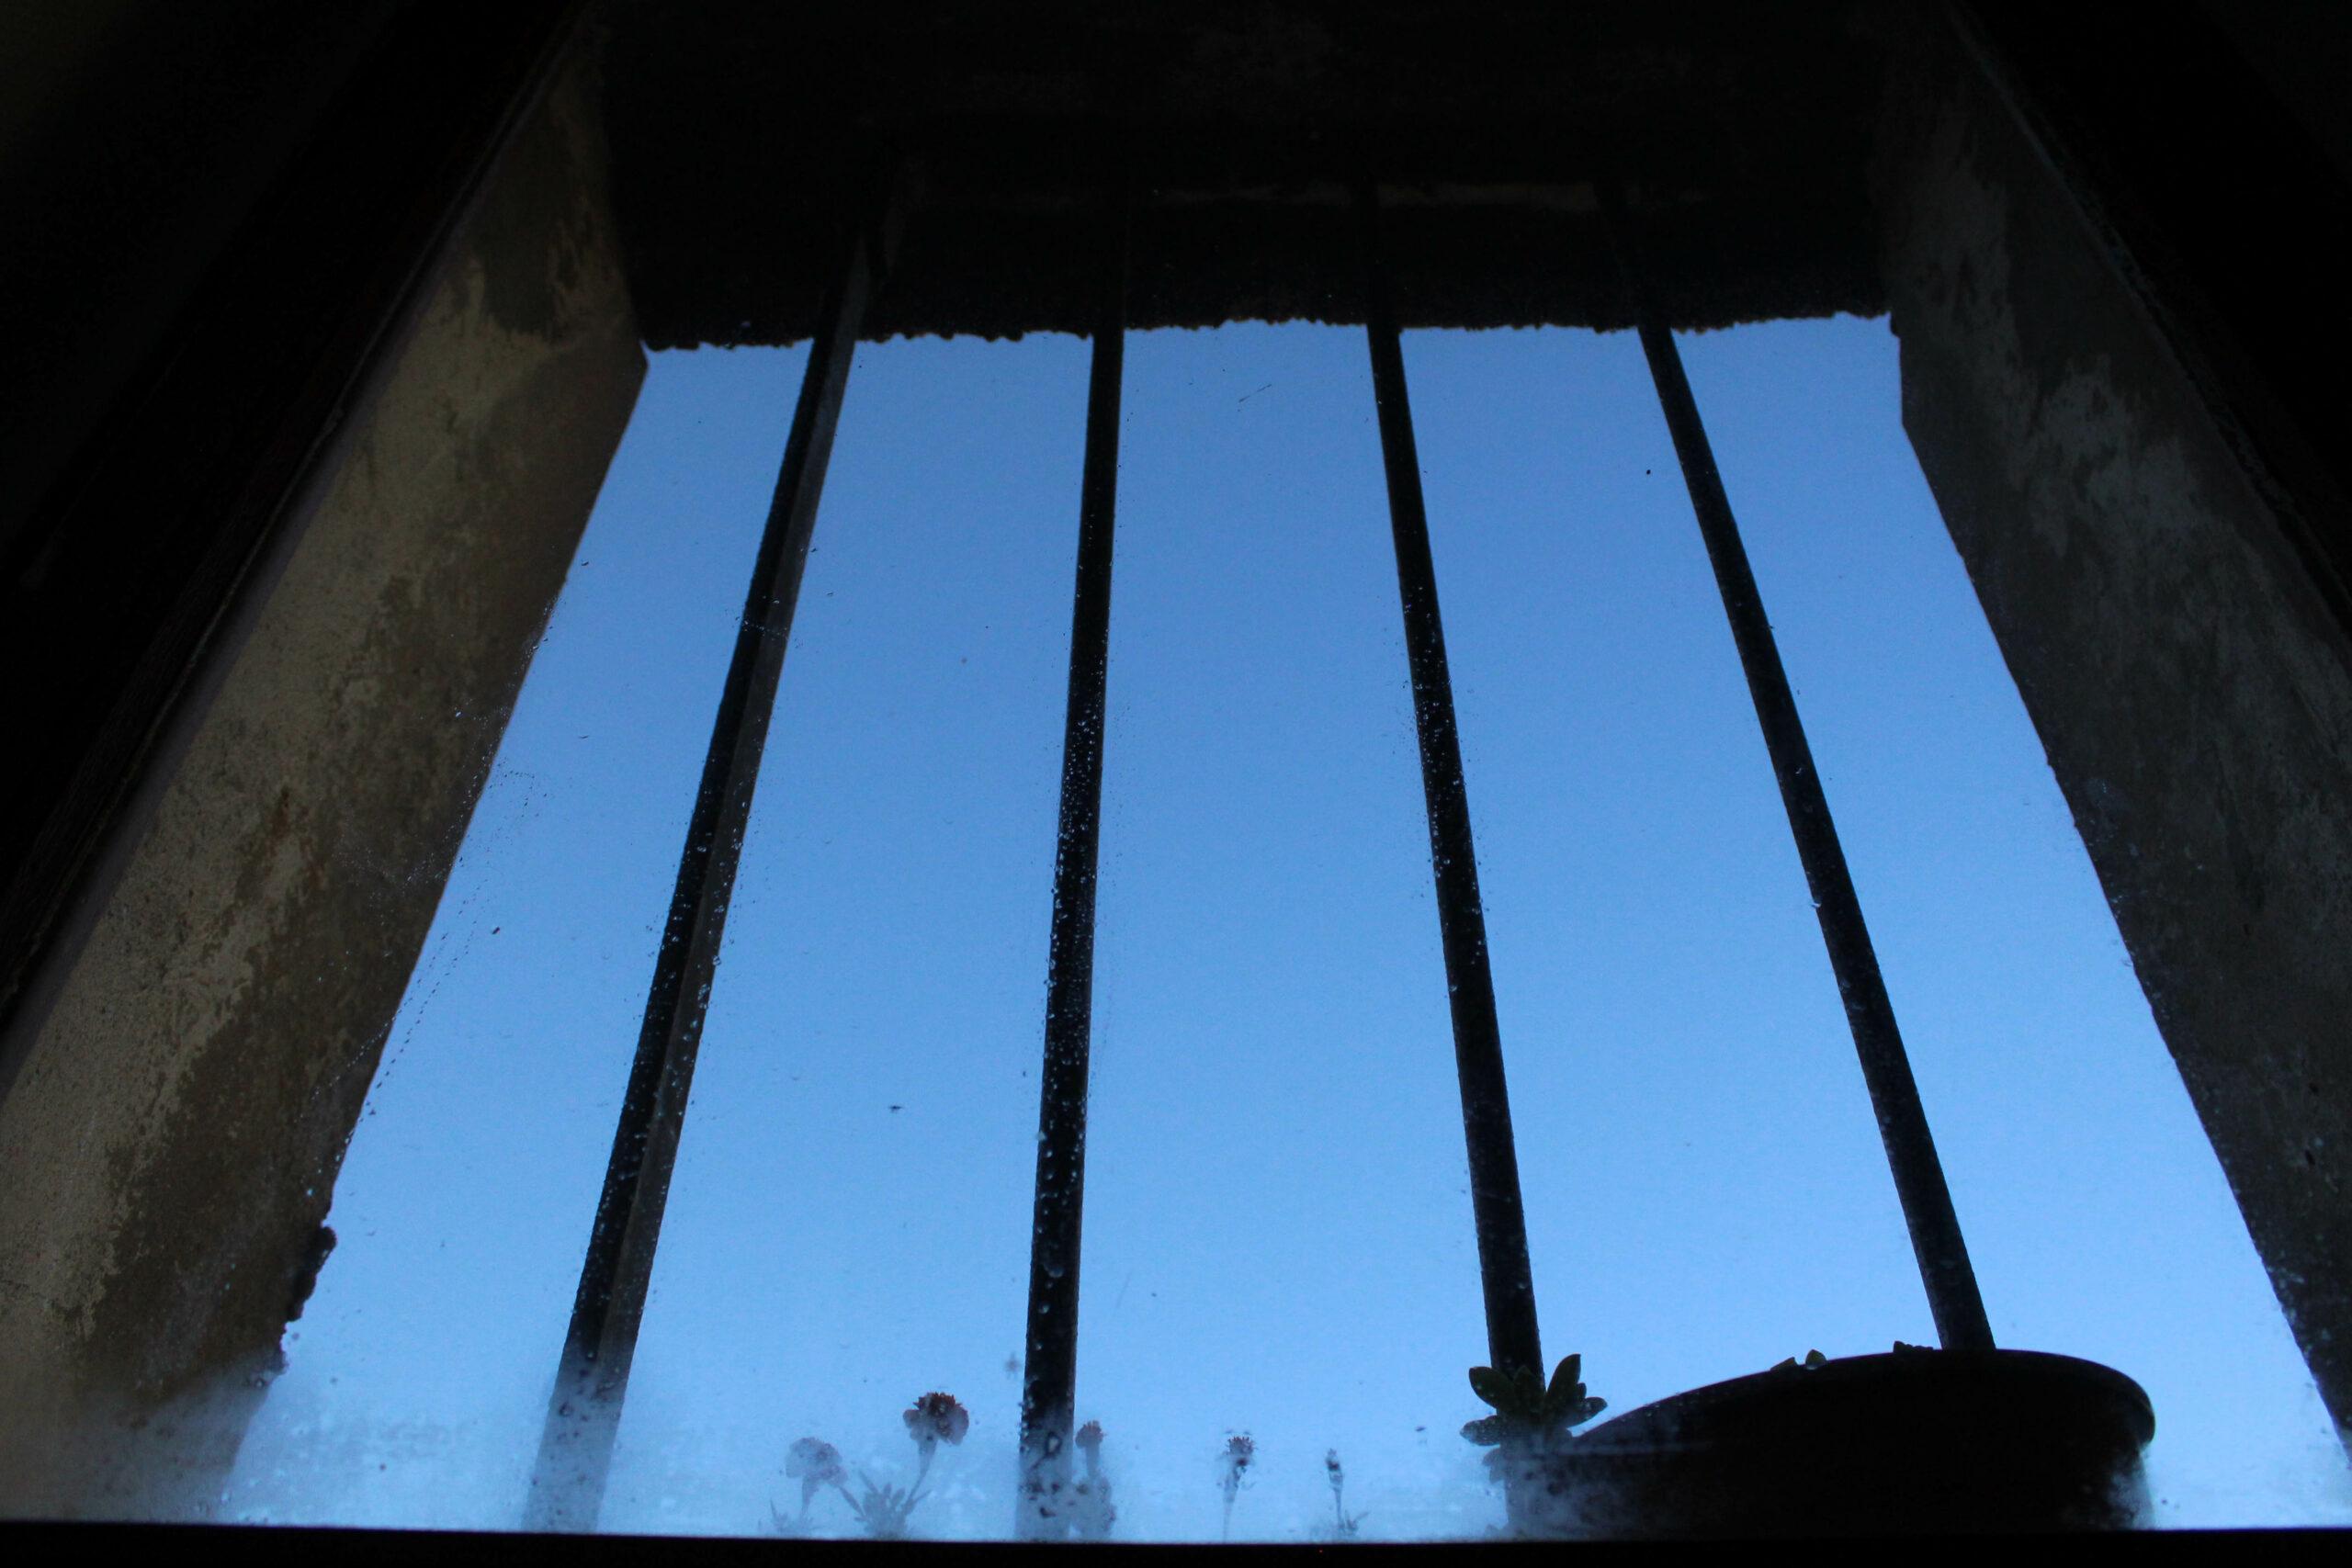 Fenêtre avec des barreaux laissant apercevoir un ciel d'un bleu intense.